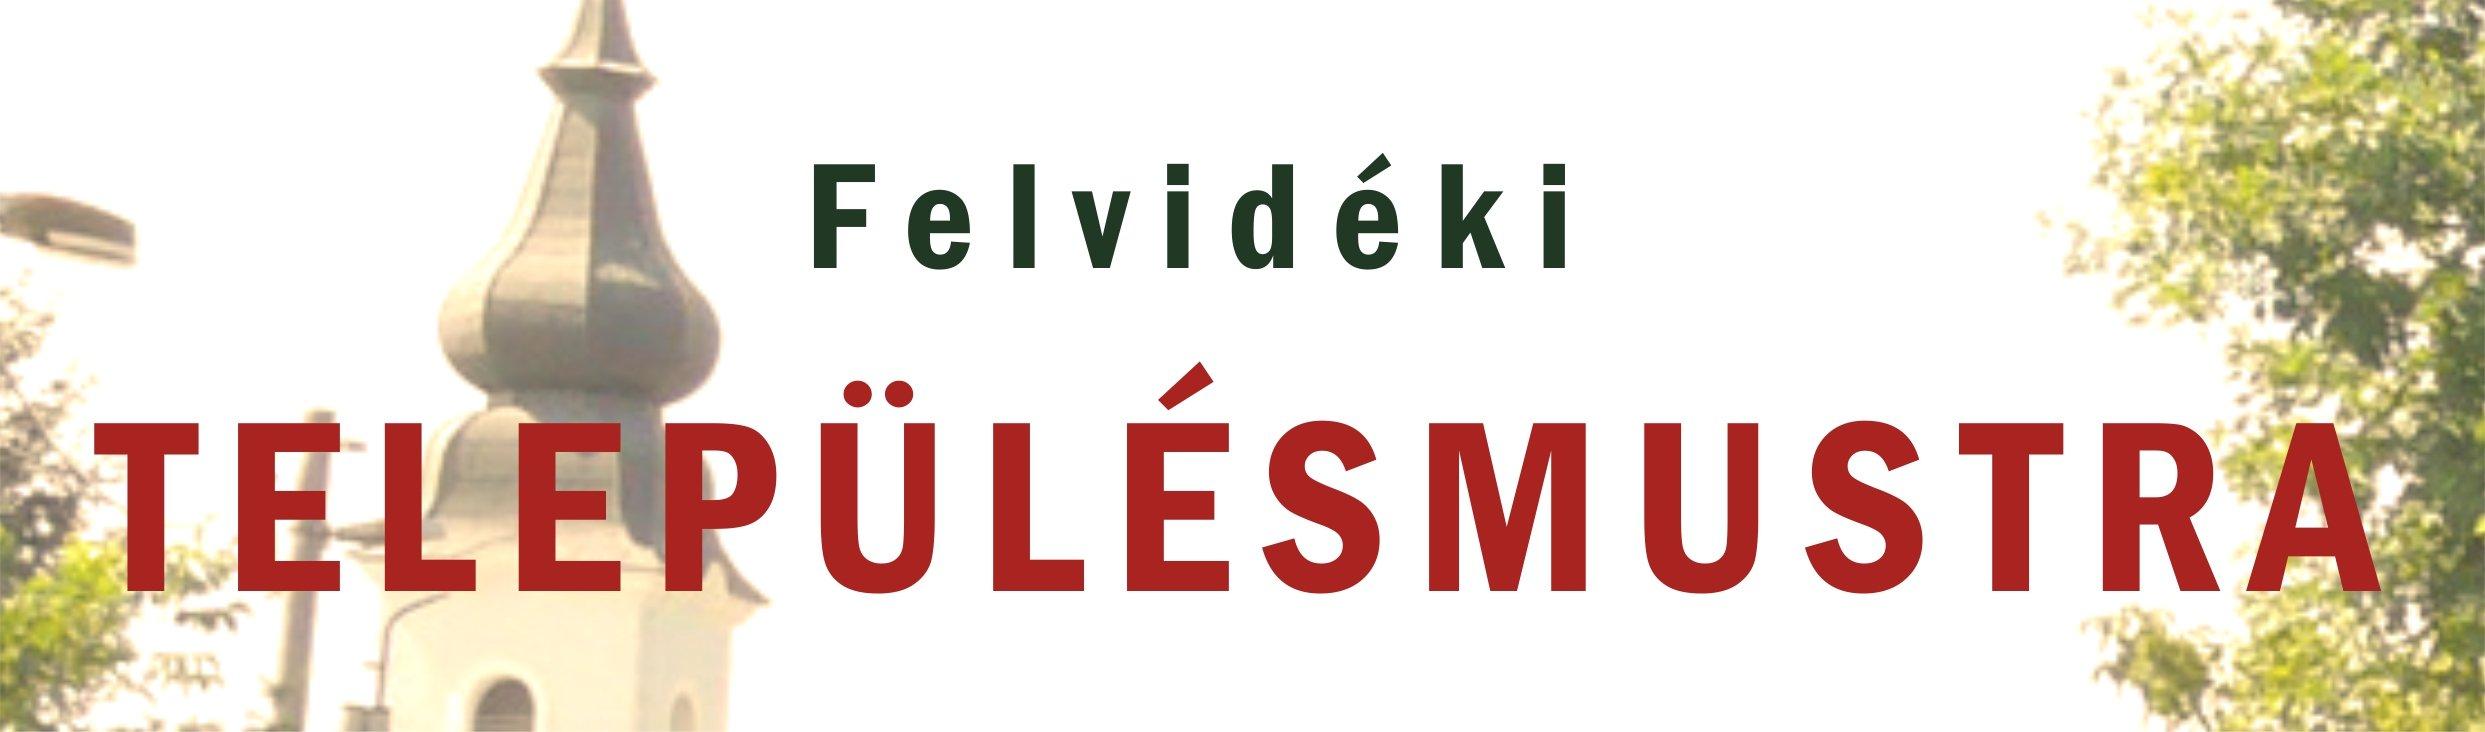 telepulesmustra-logo